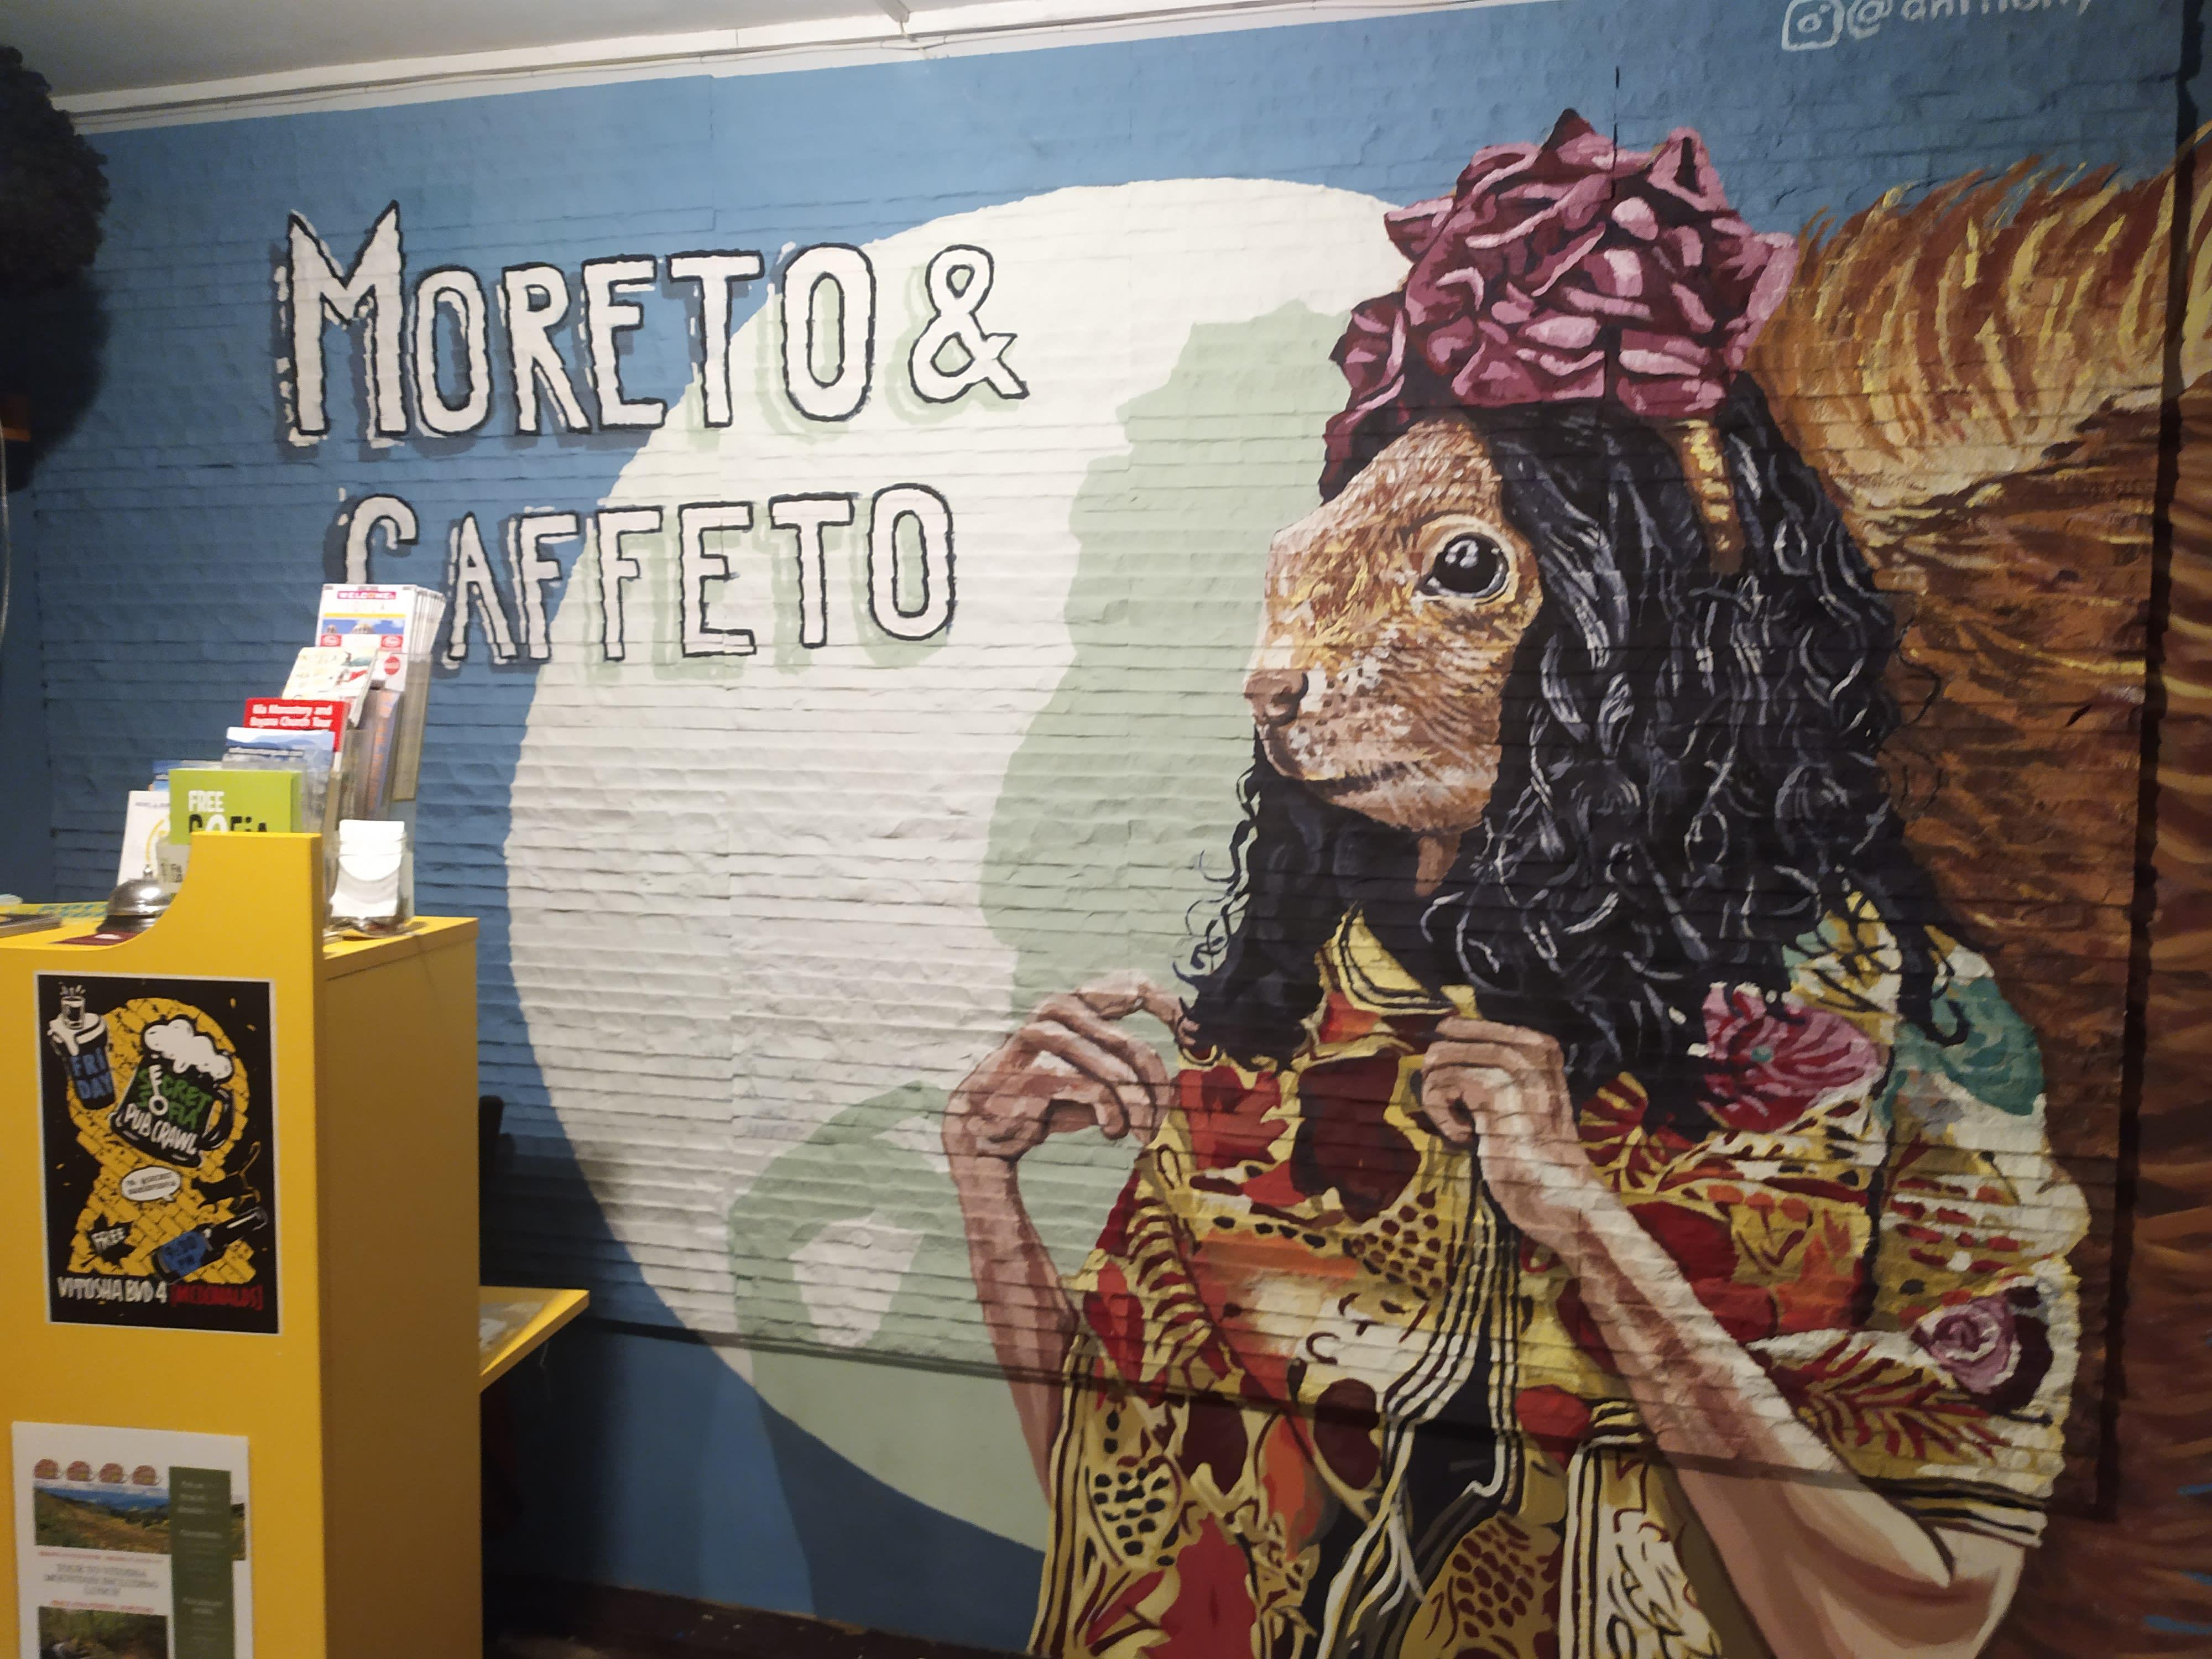 HOSTEL - Moreto & Caffeto